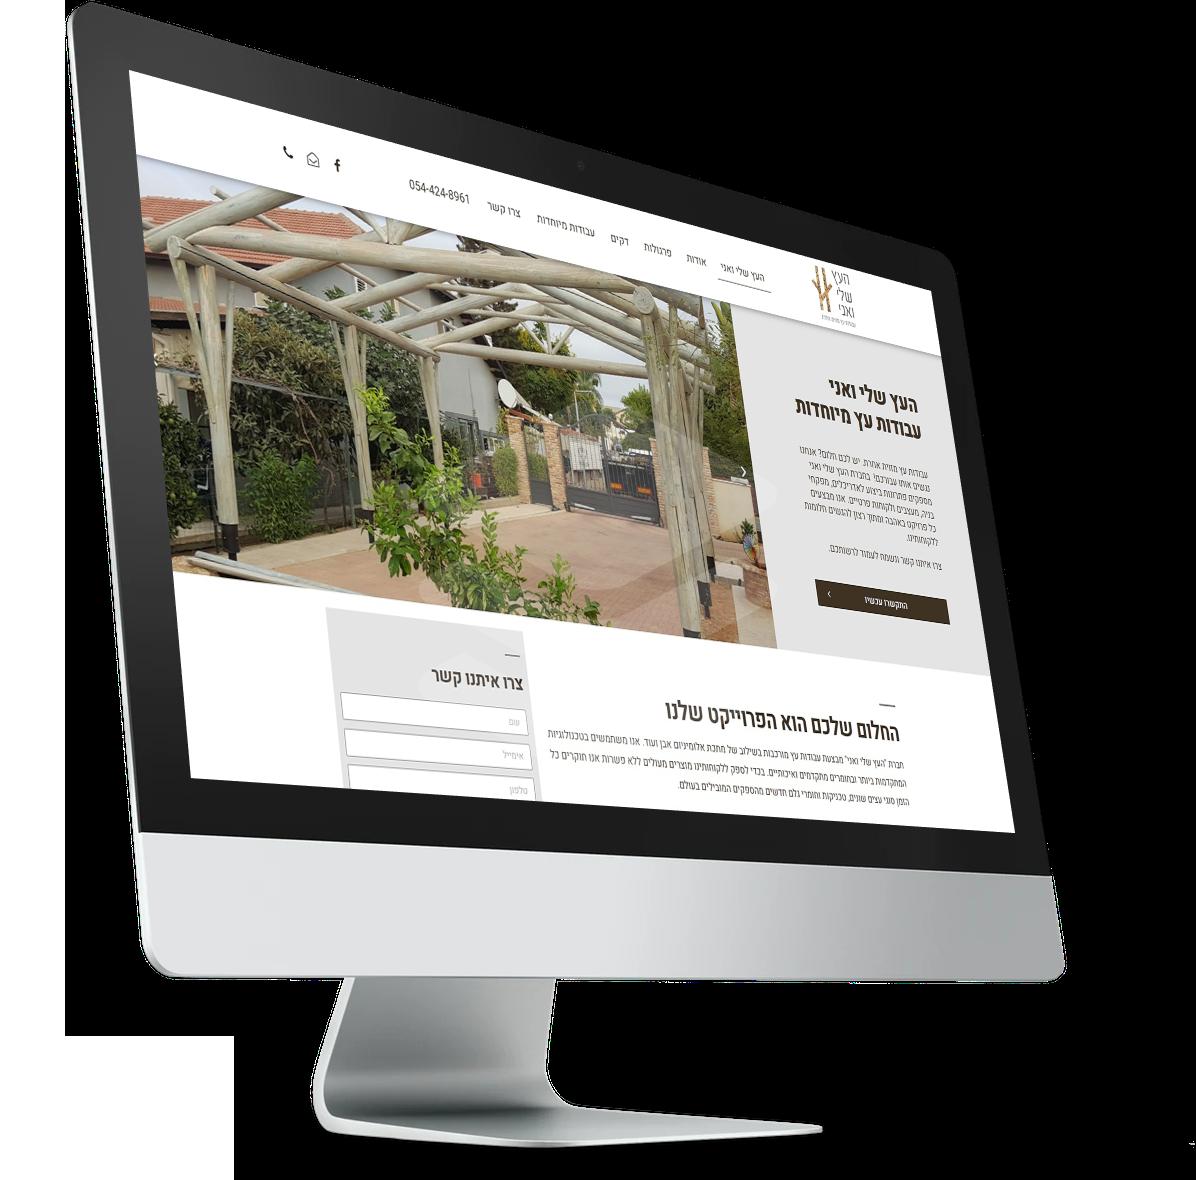 עיצוב ובניית אתר אינטרנט עבור העץ שלי ואני